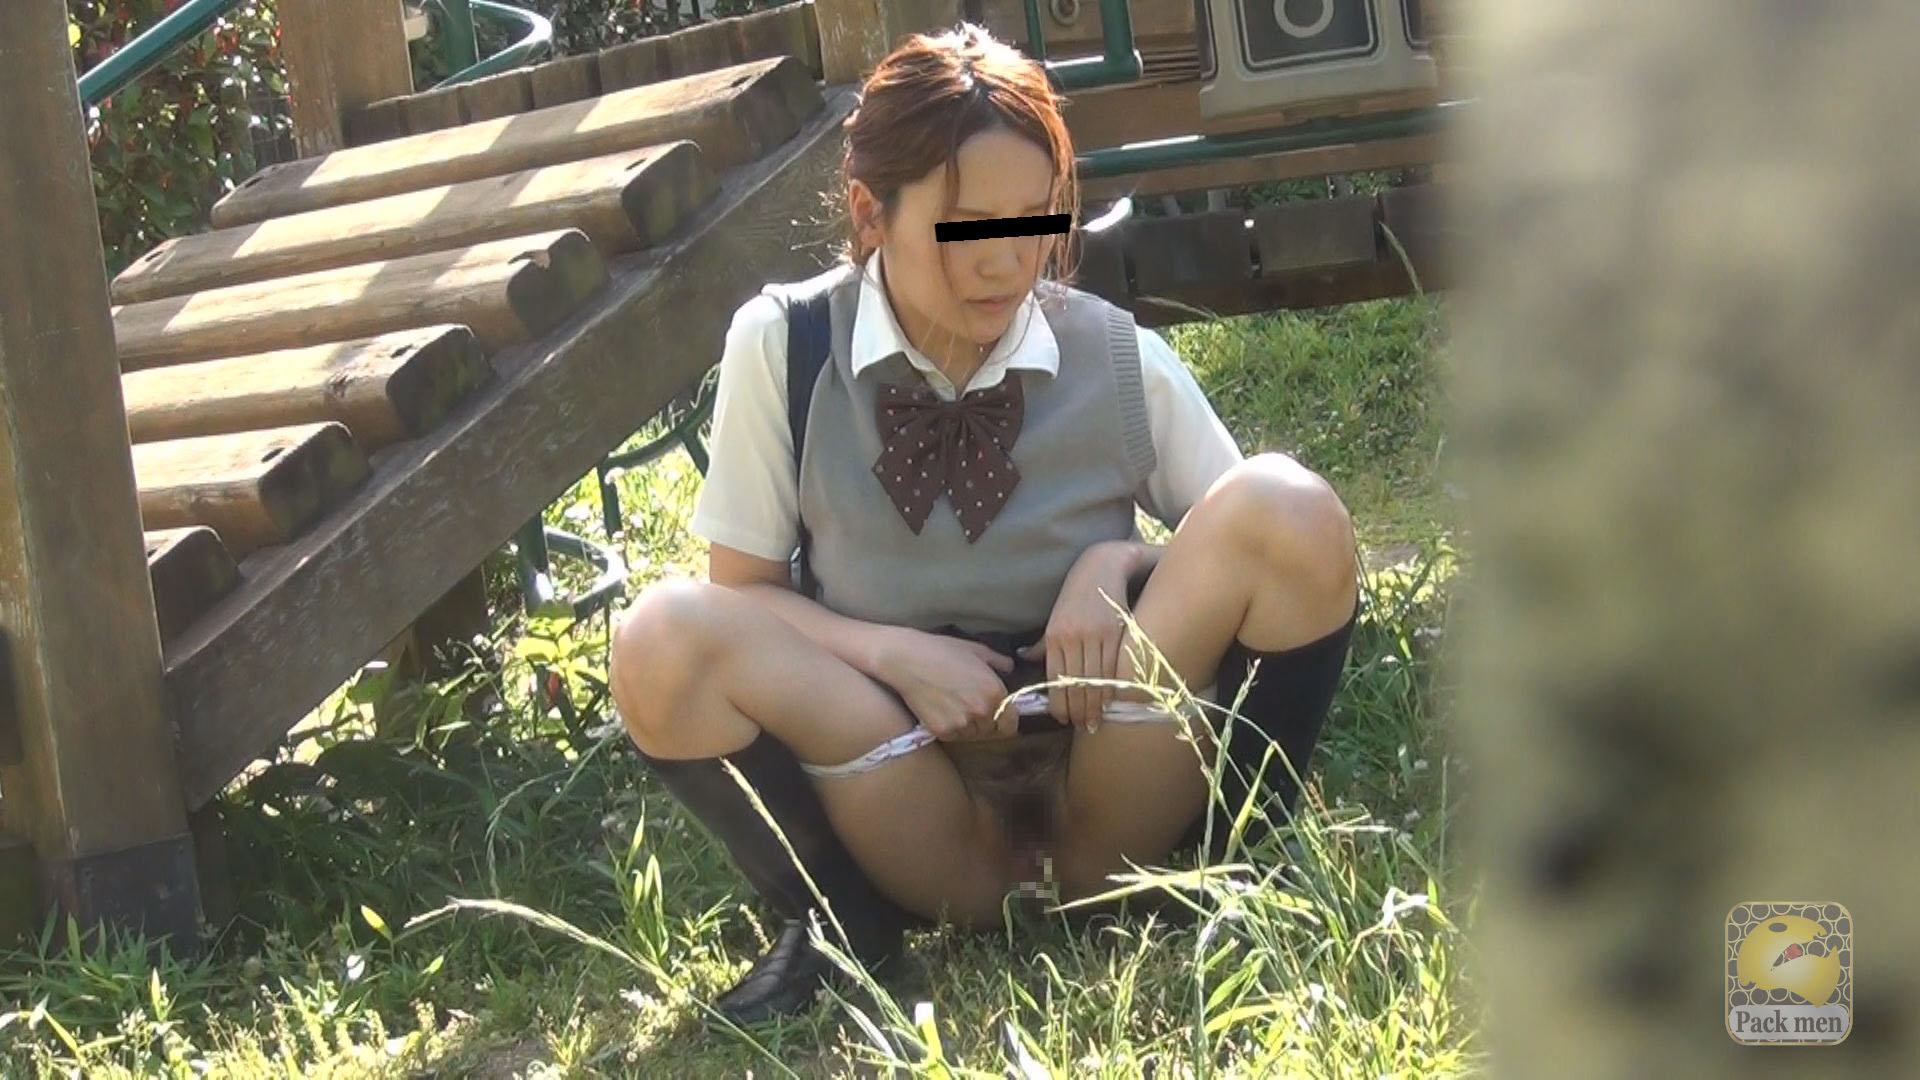 【モ無・熟女】ぽっちゃり美人お姉さんが濃厚な手コキフェラで精子搾取